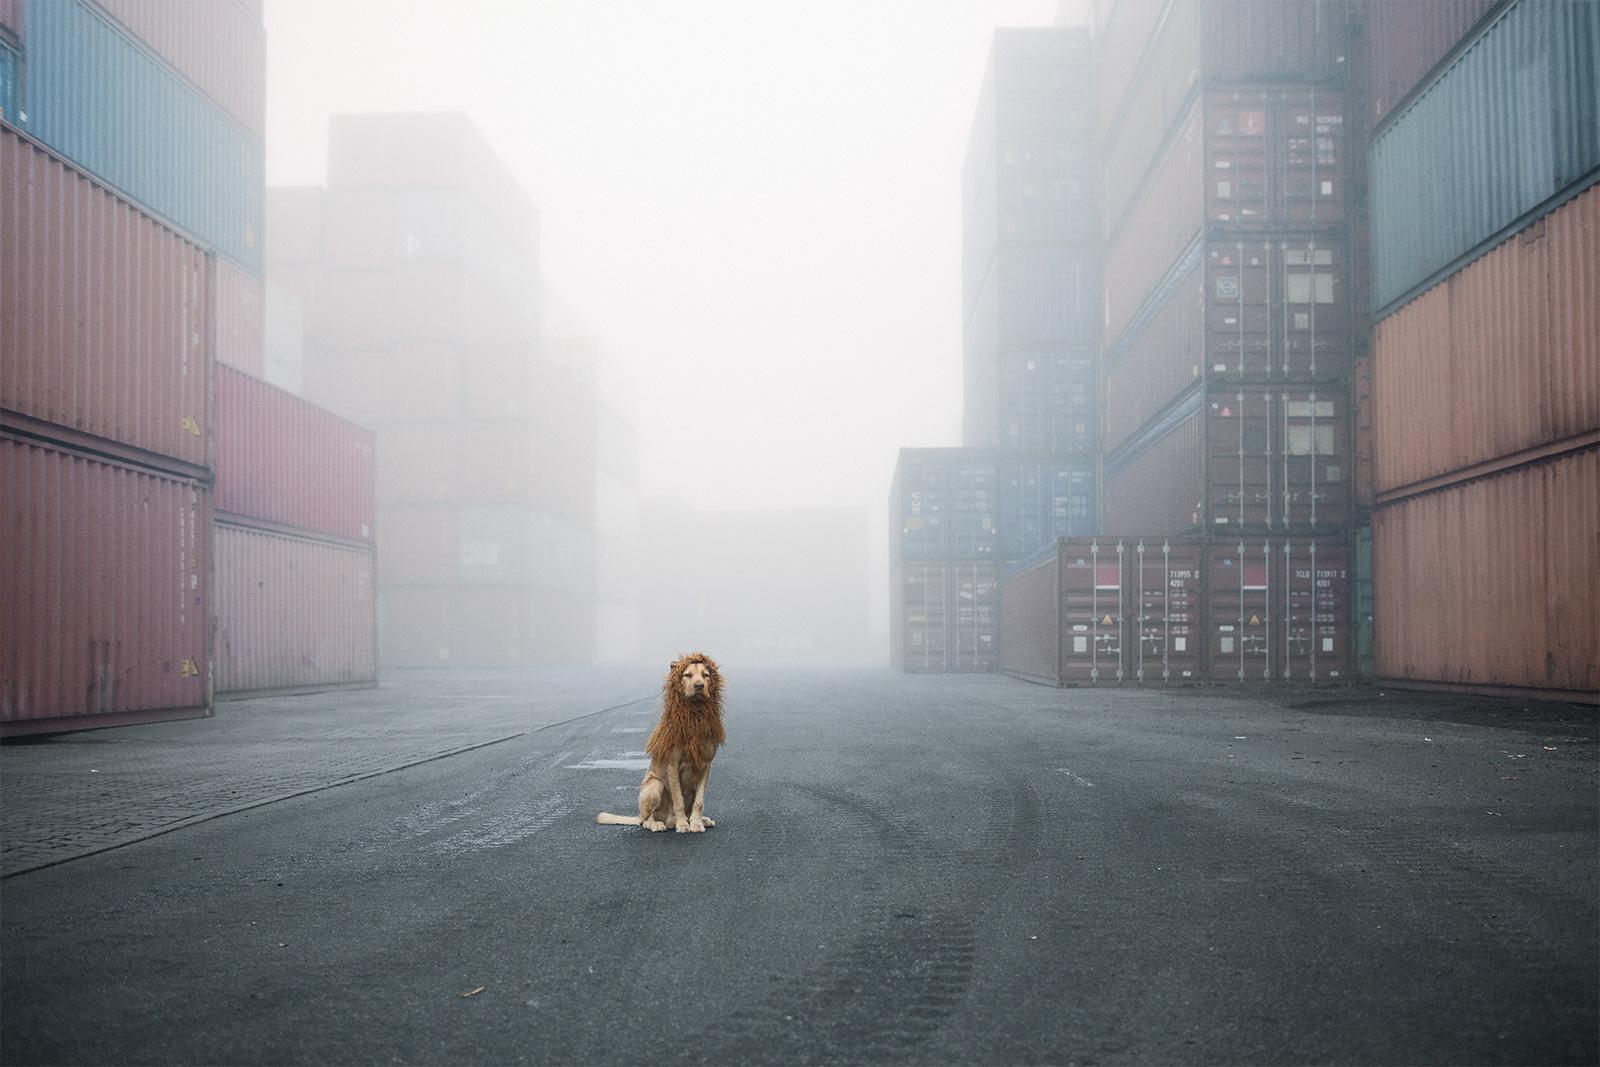 El leon de la ciudad